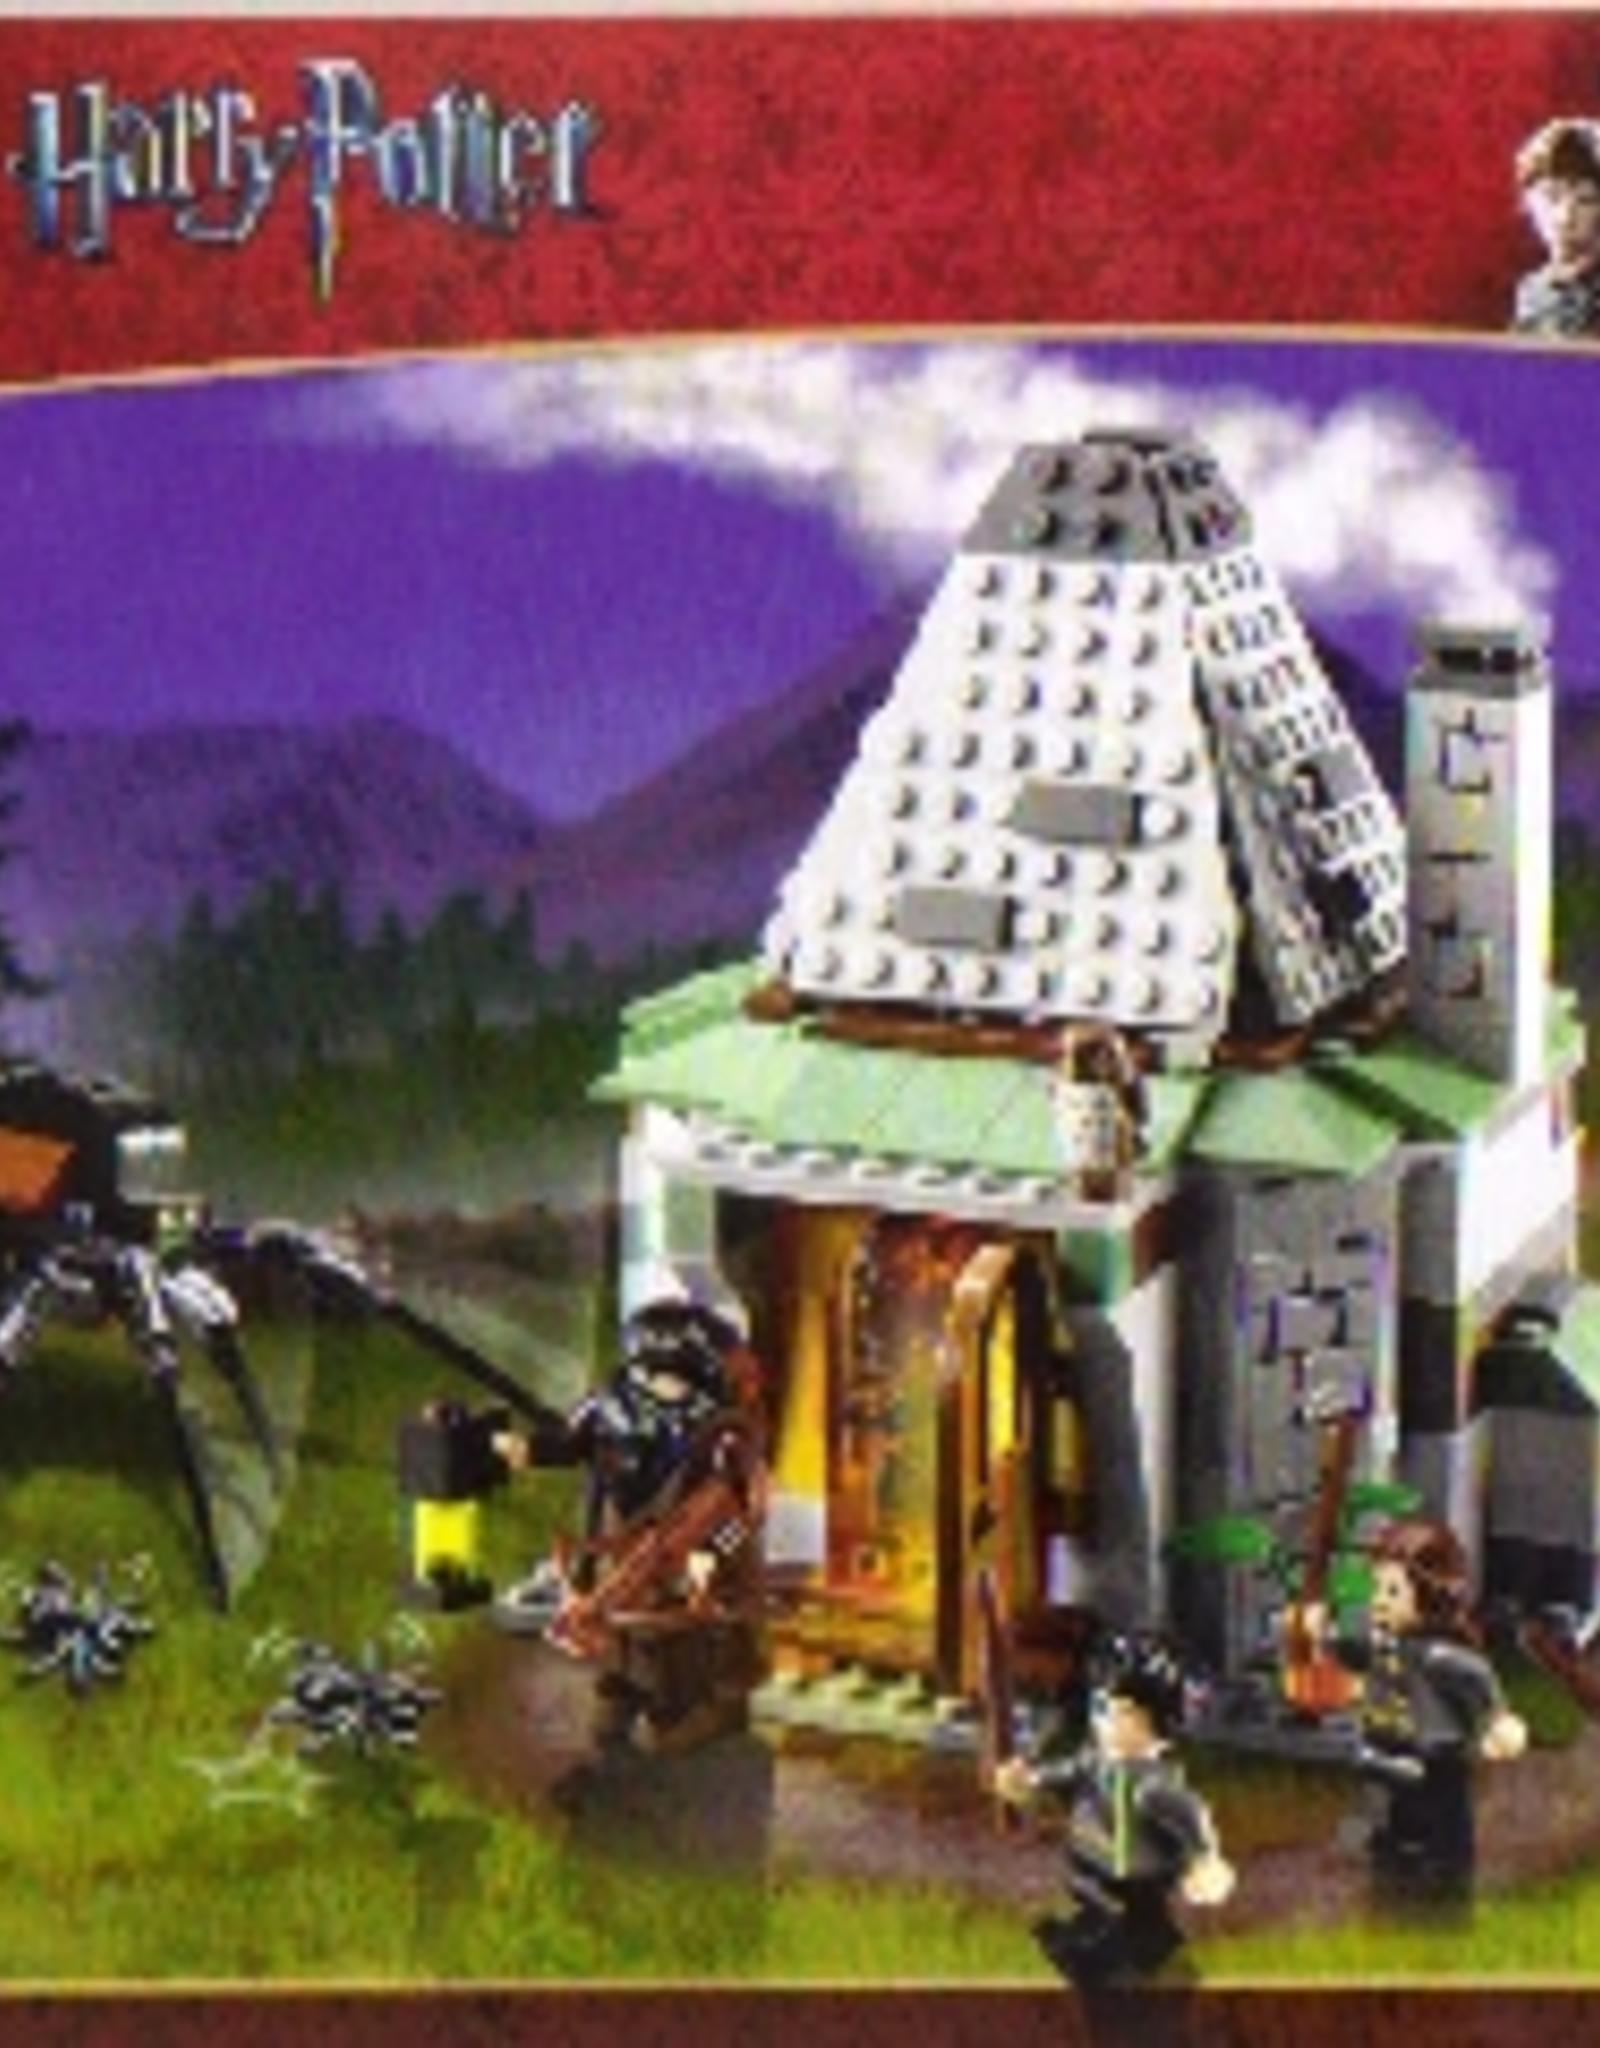 LEGO LEGO 4738 Hagrid's Hut HARRY POTTER